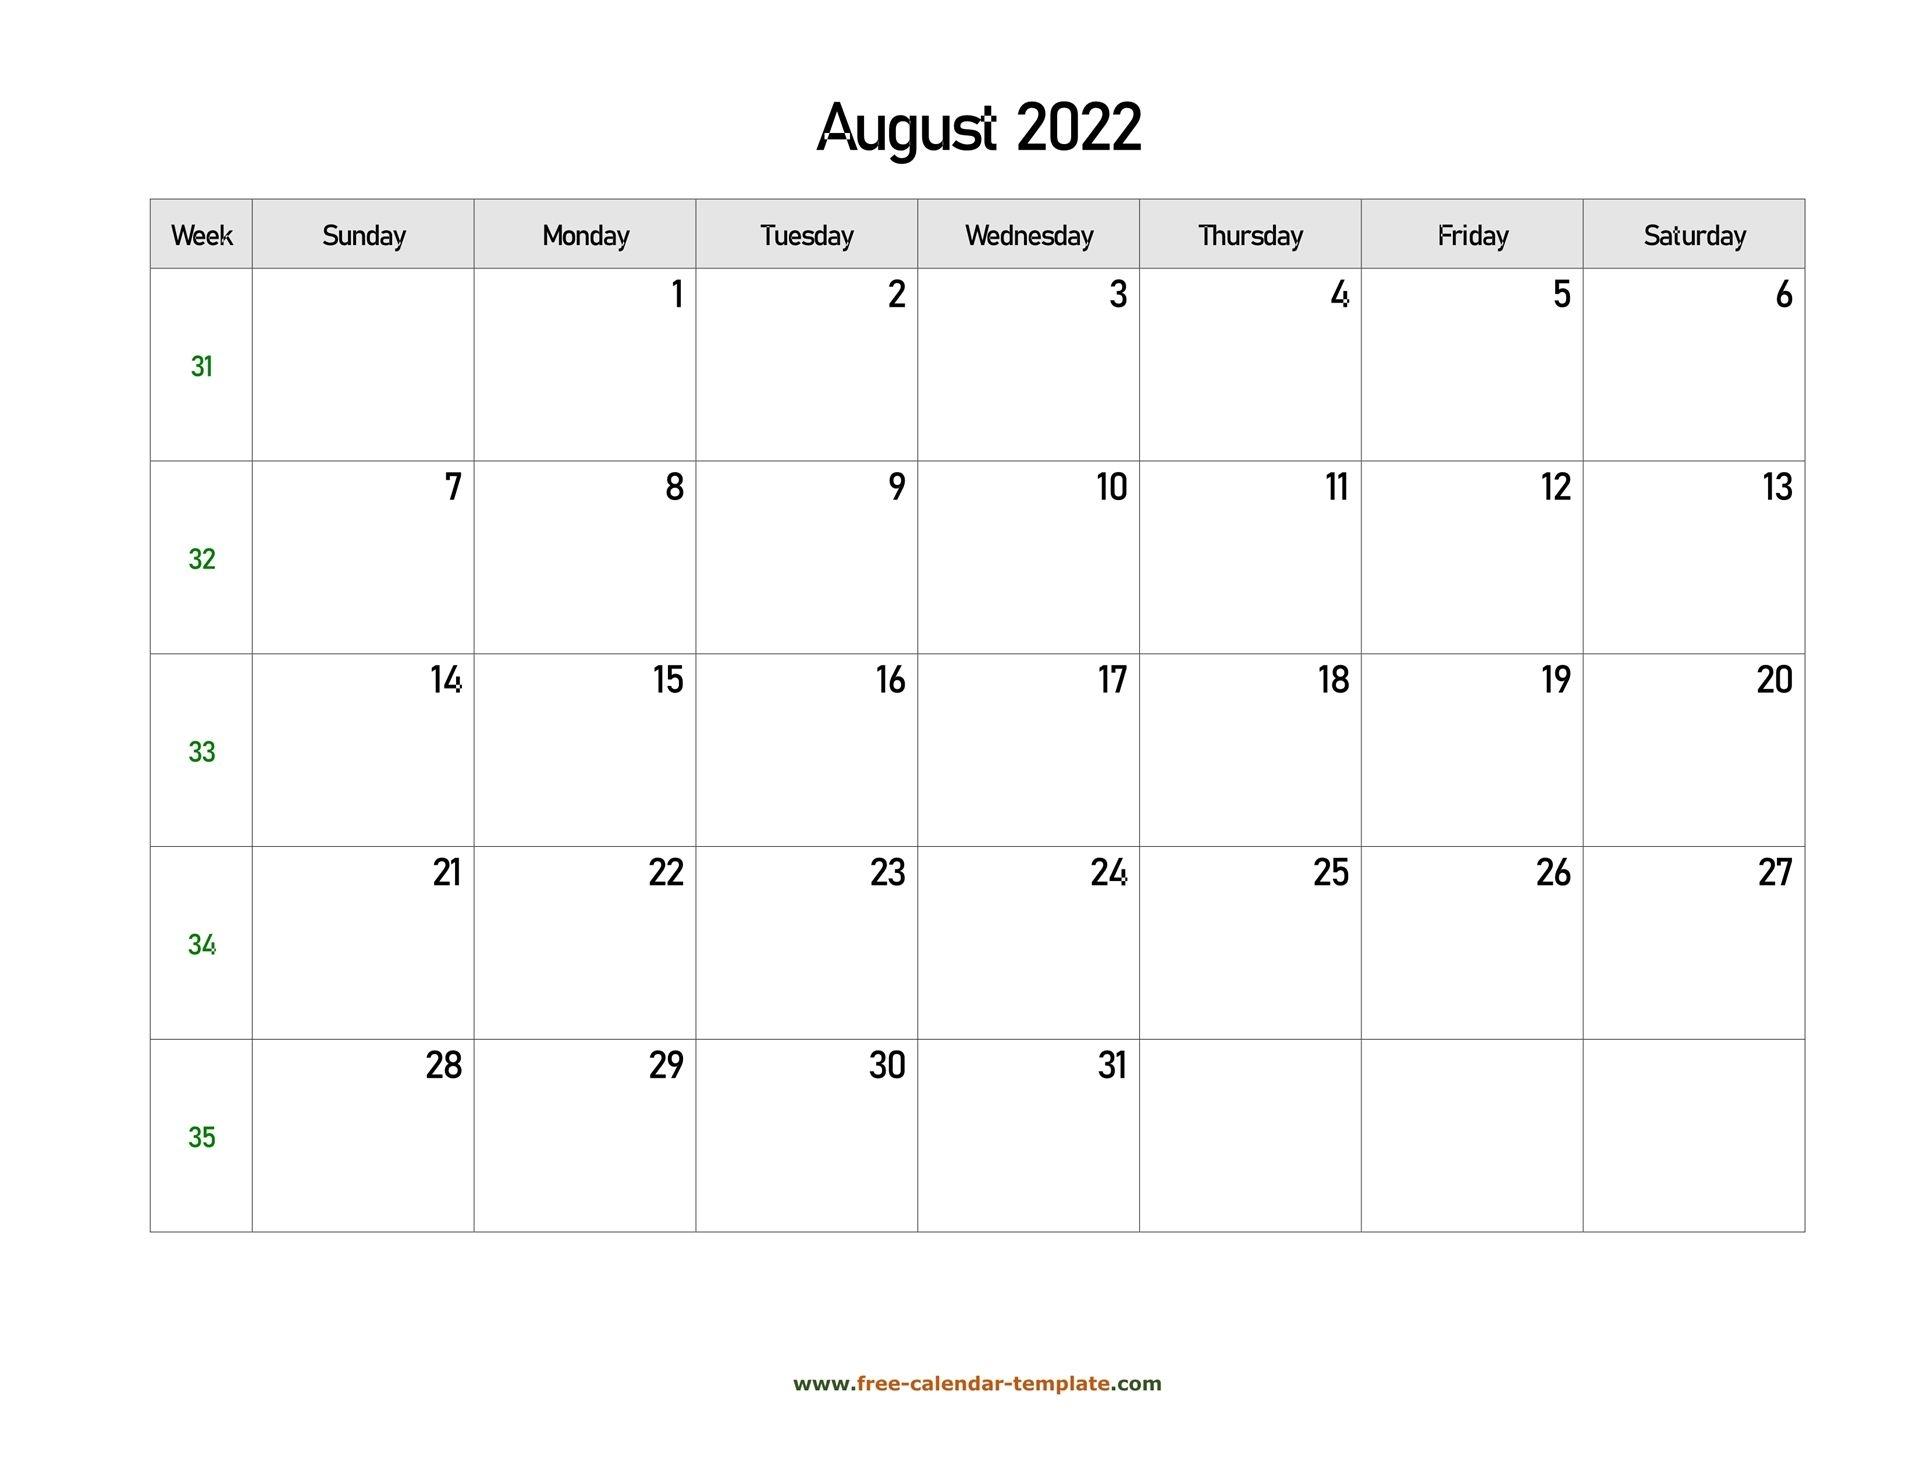 August 2022 Free Calendar Tempplate | Free-Calendar